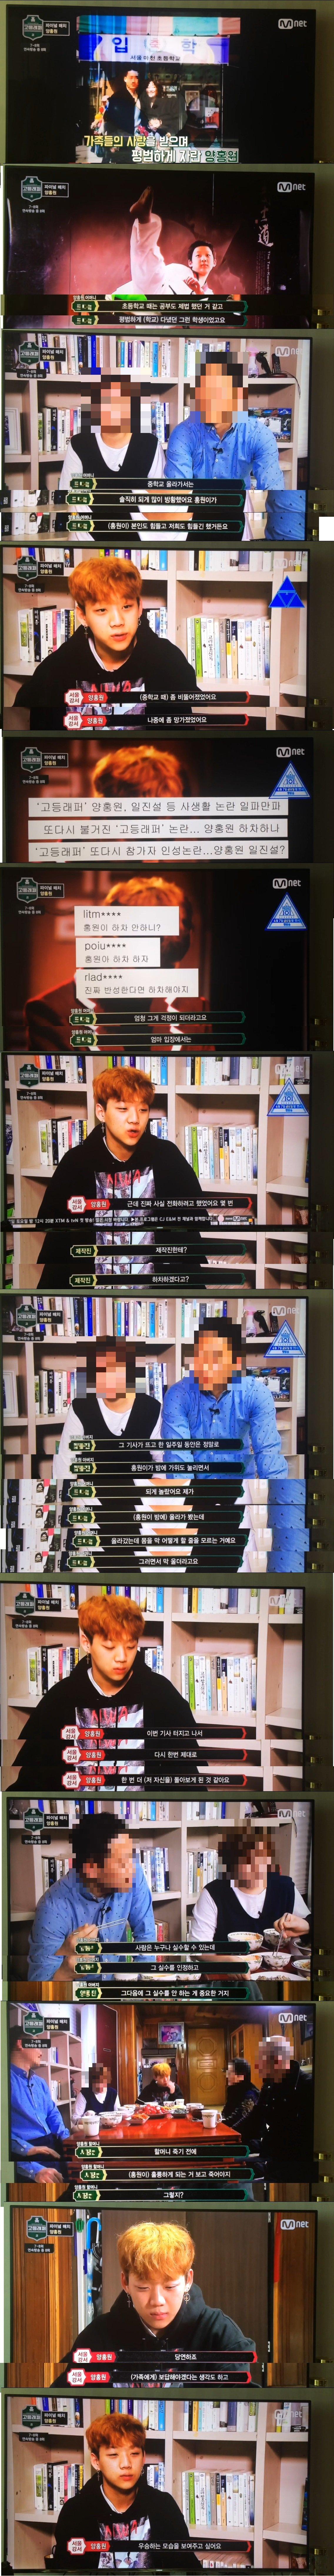 티비 기어나오는 학교폭력 가해자의 코스프레